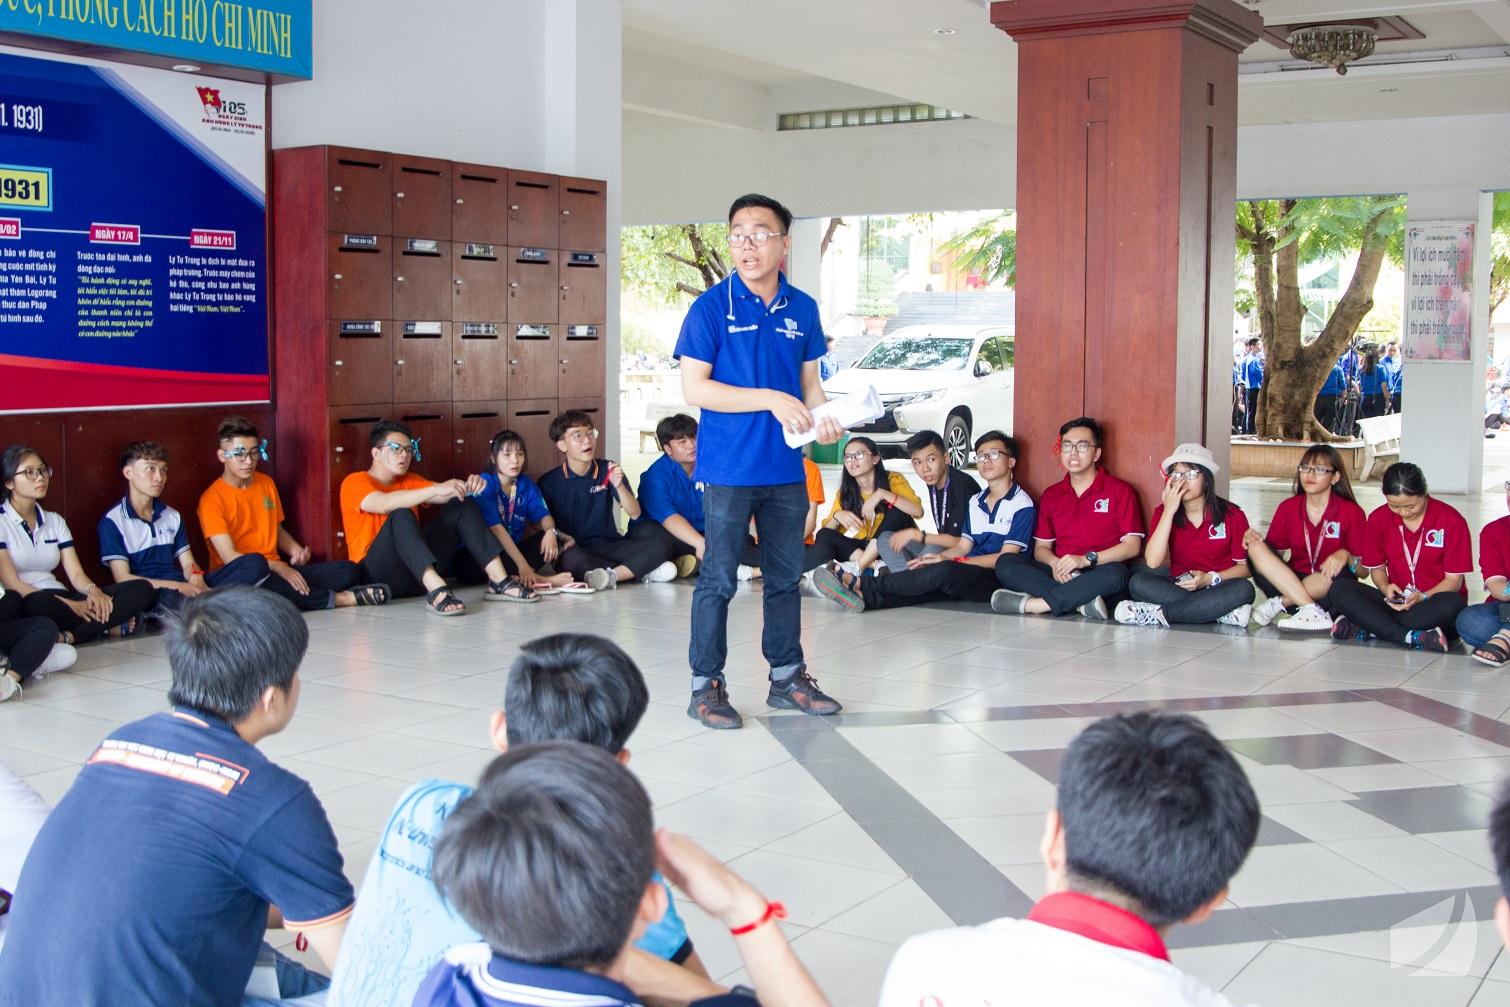 Anh Trần Quốc Đạt chia sẻ các thông tin về Văn kiện Đại hội Đoàn trường lần thứ X, Nhiệm kỳ 2019 - 2022.